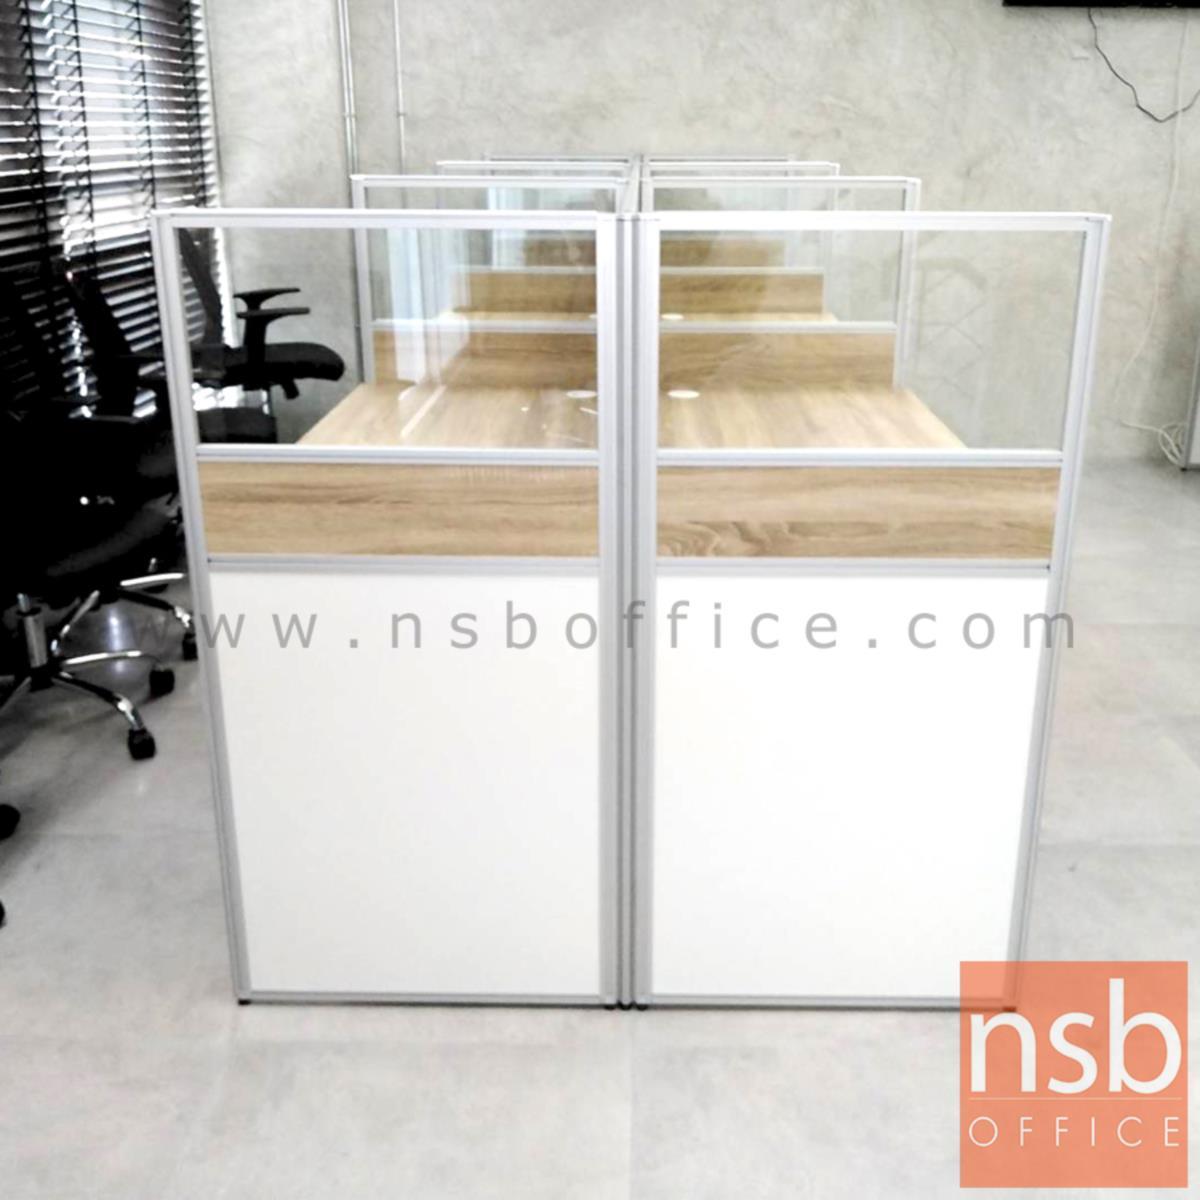 ชุดโต๊ะทำงานกลุ่มหน้าตรง 6 ที่นั่ง รุ่น Barcadi 10 (บาร์คาดี้ 10) ขนาดรวม 368W ,458W cm. มีและไม่มีตู้แขวนเอกสาร